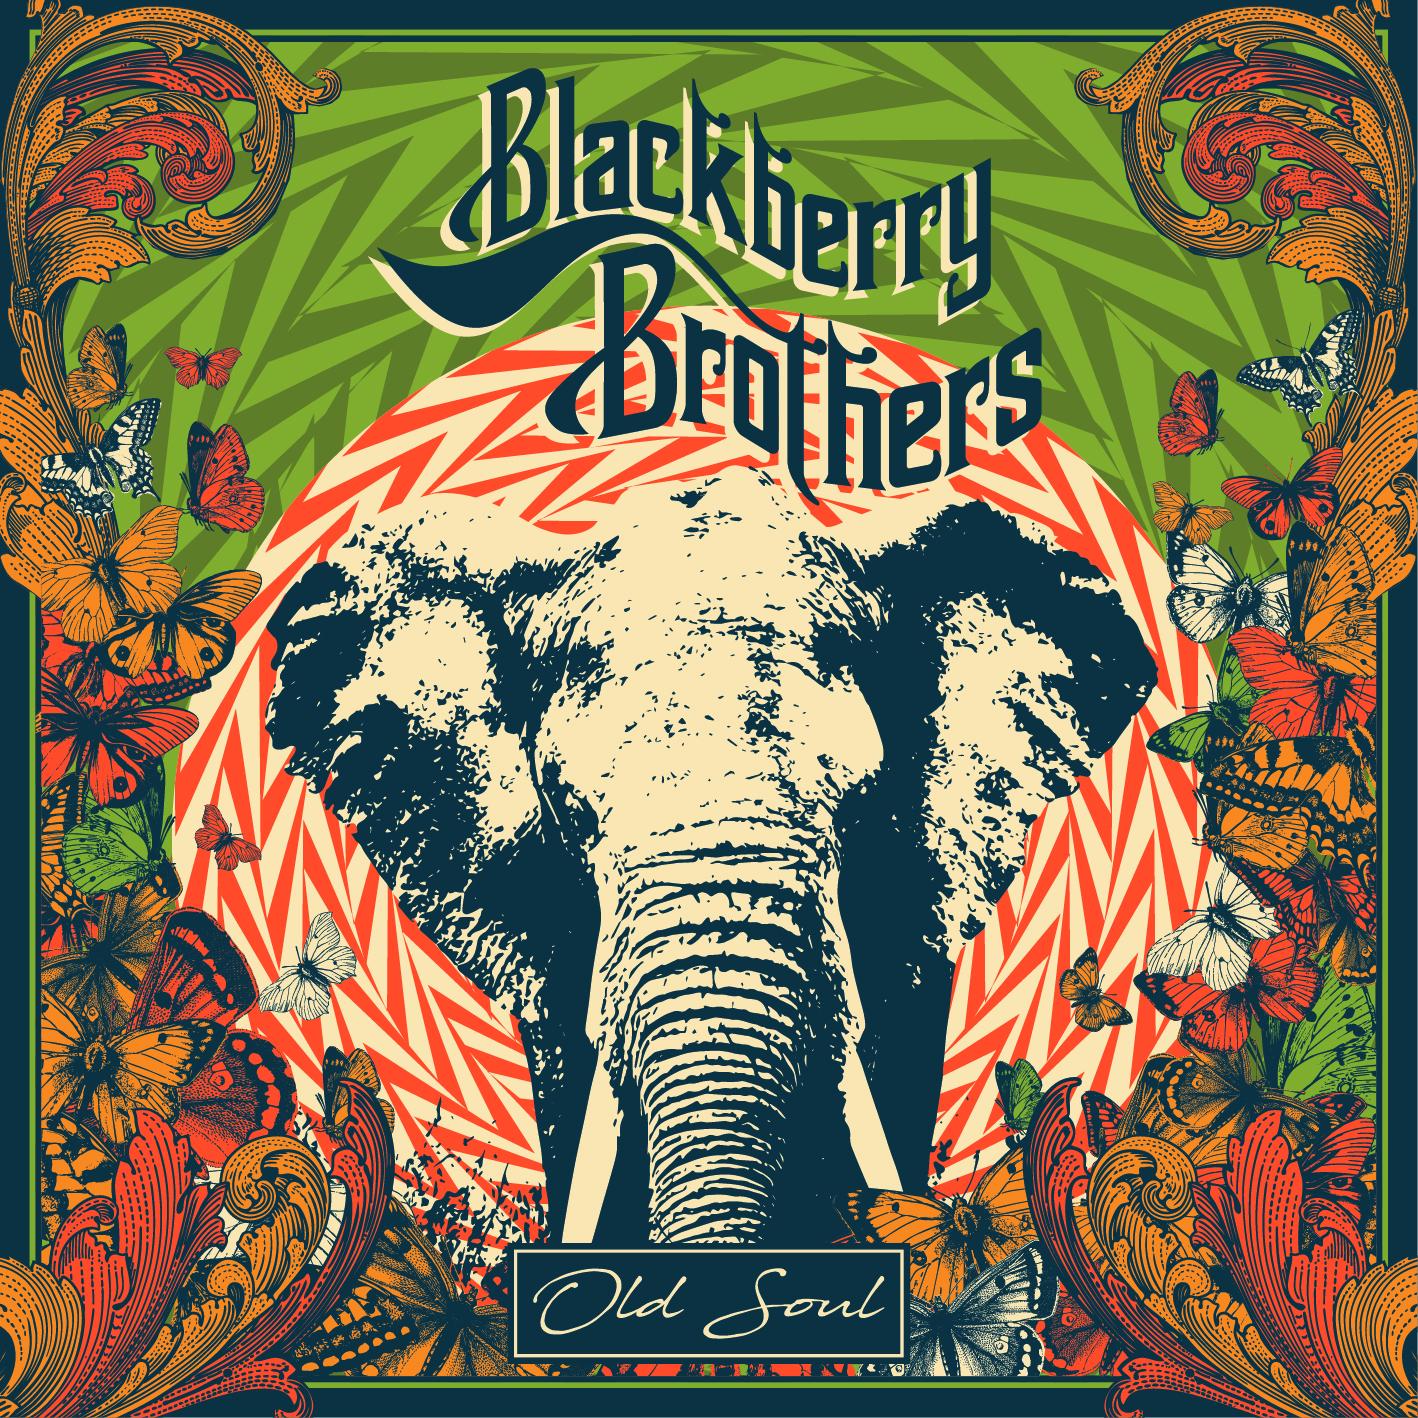 Blackberry Brothers - okładka płyty